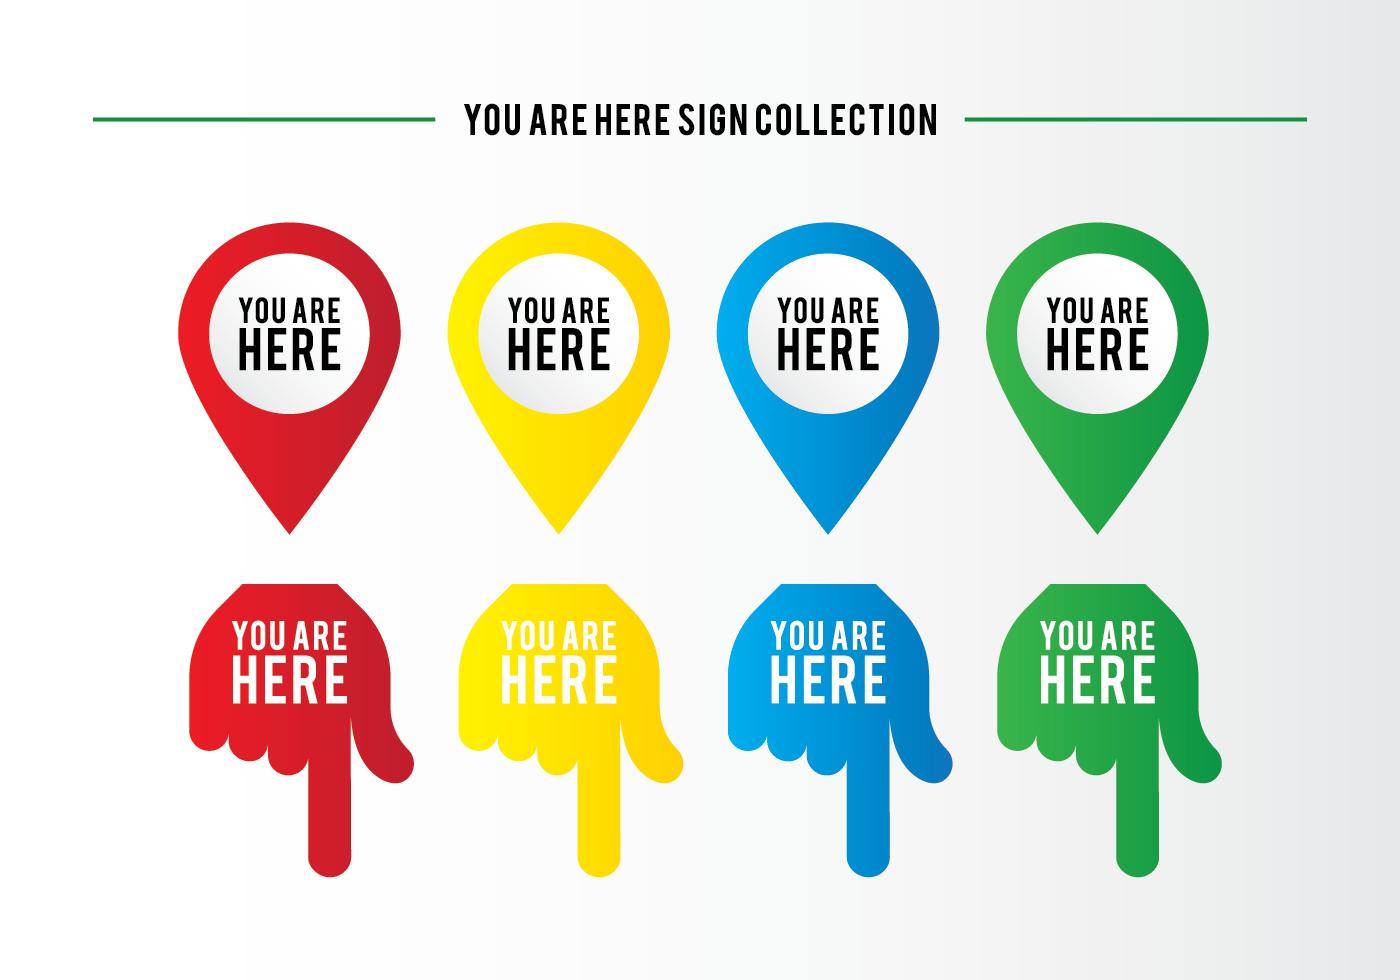 Mapa Plano Con Pin Icono De Puntero De La: Usted Está Aquí Colección De La Muestra